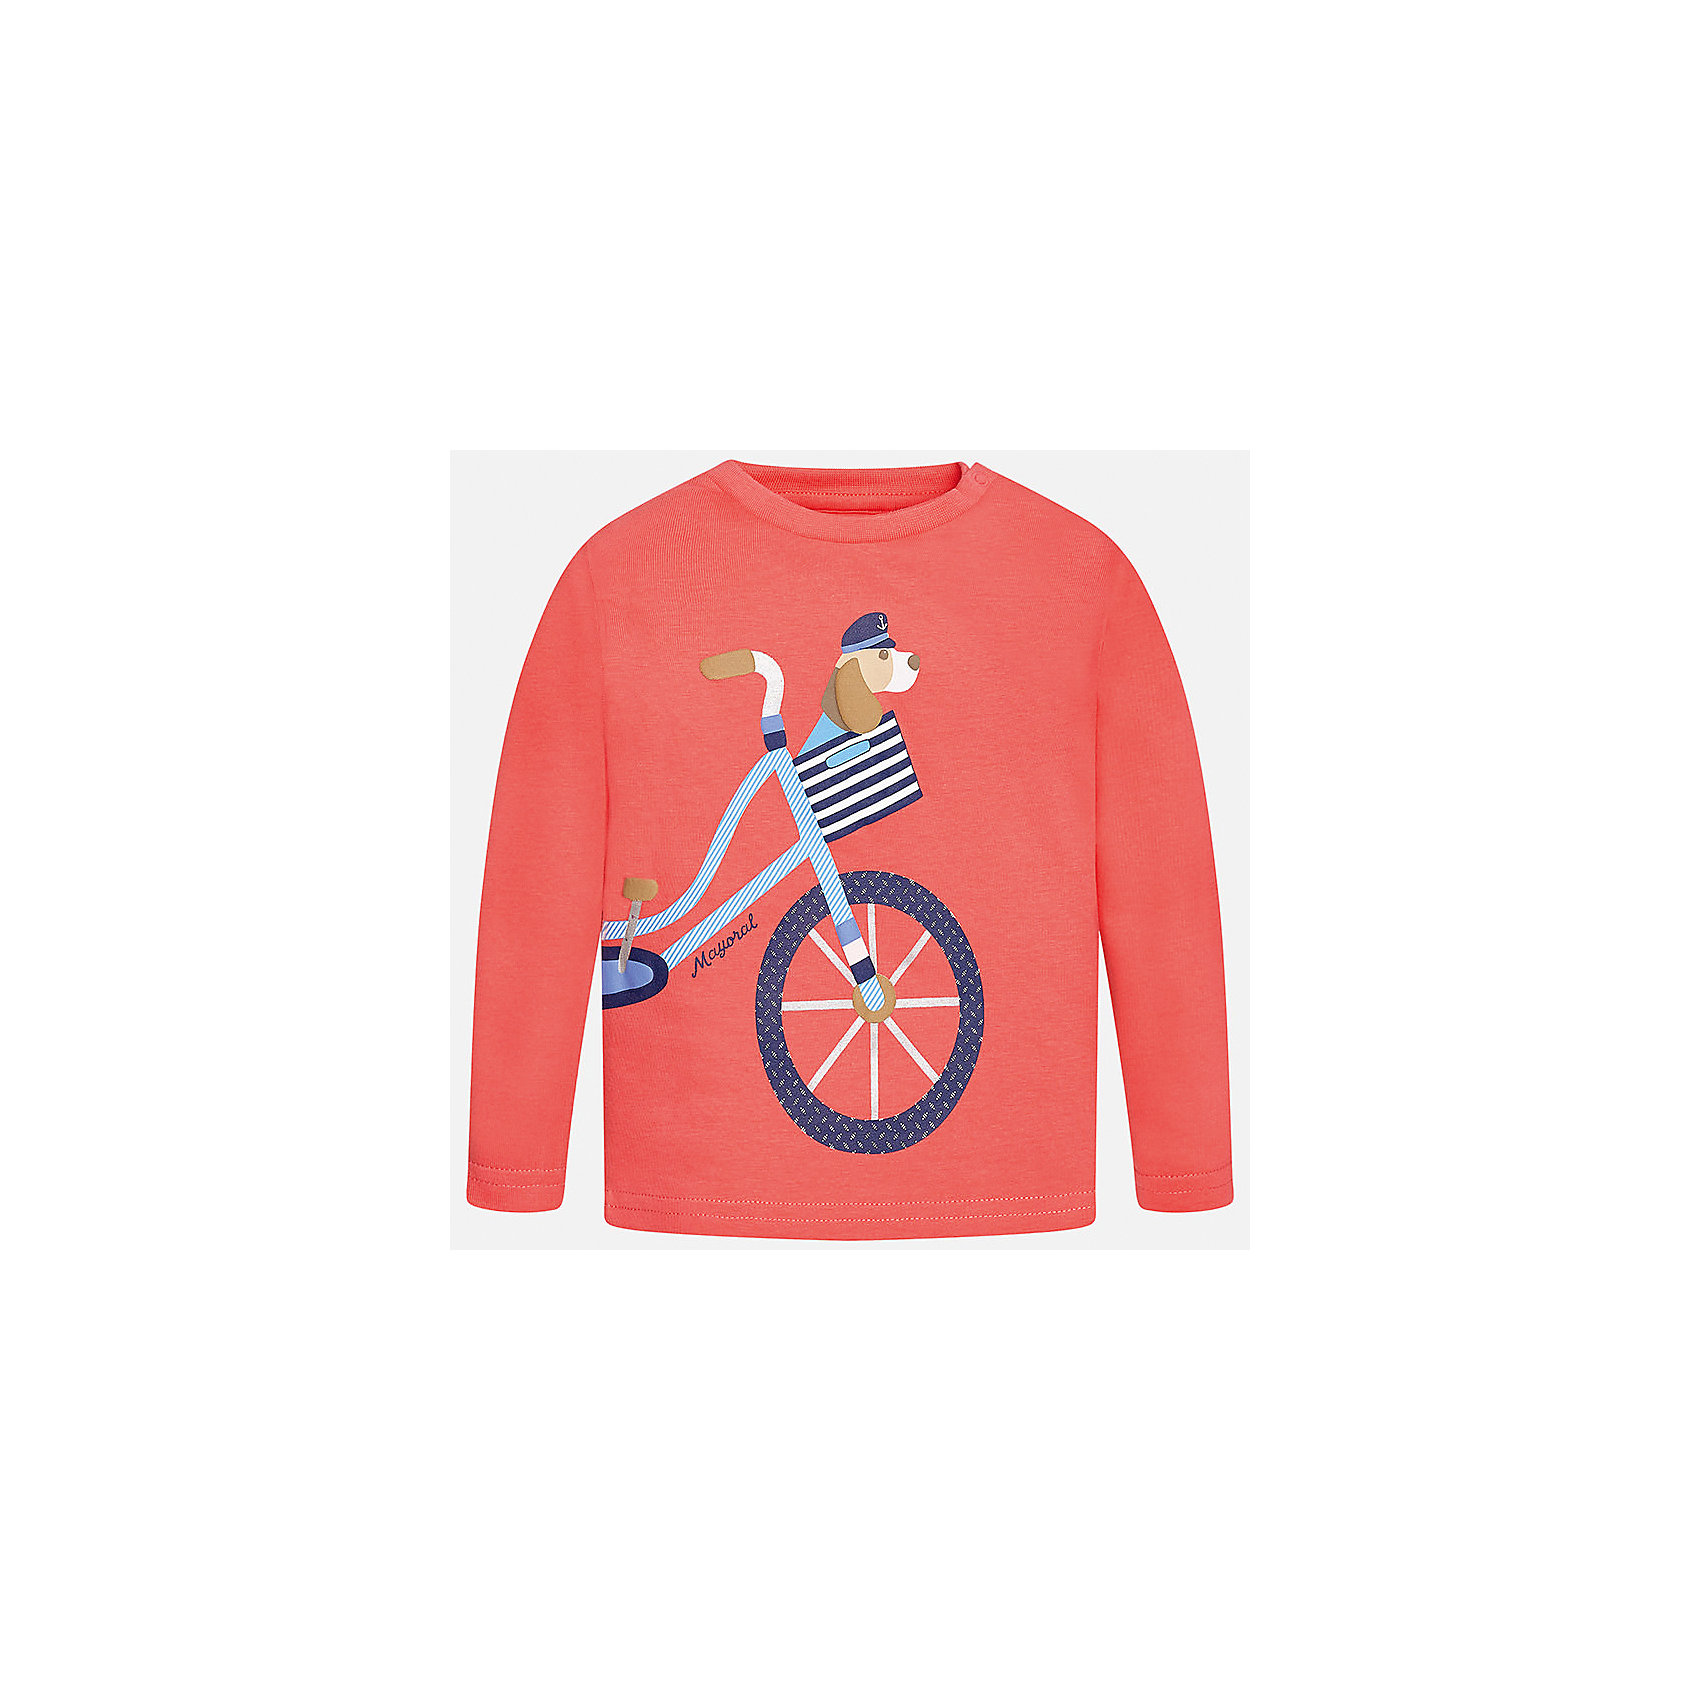 Футболка с длинным рукавом для мальчика MayoralФутболки с длинным рукавом<br>Характеристики товара:<br><br>• цвет: оранжевый<br>• состав: 100% хлопок<br>• округлый горловой вырез<br>• декорирована принтом<br>• длинные рукава<br>• мягкая отделка горловины<br>• страна бренда: Испания<br><br>Красивая хлопковая футболка с принтом поможет разнообразить гардероб мальчика. Она отлично сочетается с брюками, шортами, джинсами. Универсальный крой и цвет позволяет подобрать к вещи низ разных расцветок. Практичное и стильное изделие! Хорошо смотрится и комфортно сидит на детях. В составе материала - только натуральный хлопок, гипоаллергенный, приятный на ощупь, дышащий. <br><br>Одежда, обувь и аксессуары от испанского бренда Mayoral полюбились детям и взрослым по всему миру. Модели этой марки - стильные и удобные. Для их производства используются только безопасные, качественные материалы и фурнитура. Порадуйте ребенка модными и красивыми вещами от Mayoral! <br><br>Футболку с длинным рукавом для мальчика от испанского бренда Mayoral (Майорал) можно купить в нашем интернет-магазине.<br><br>Ширина мм: 230<br>Глубина мм: 40<br>Высота мм: 220<br>Вес г: 250<br>Цвет: розовый<br>Возраст от месяцев: 12<br>Возраст до месяцев: 15<br>Пол: Мужской<br>Возраст: Детский<br>Размер: 80,86,92<br>SKU: 5278521